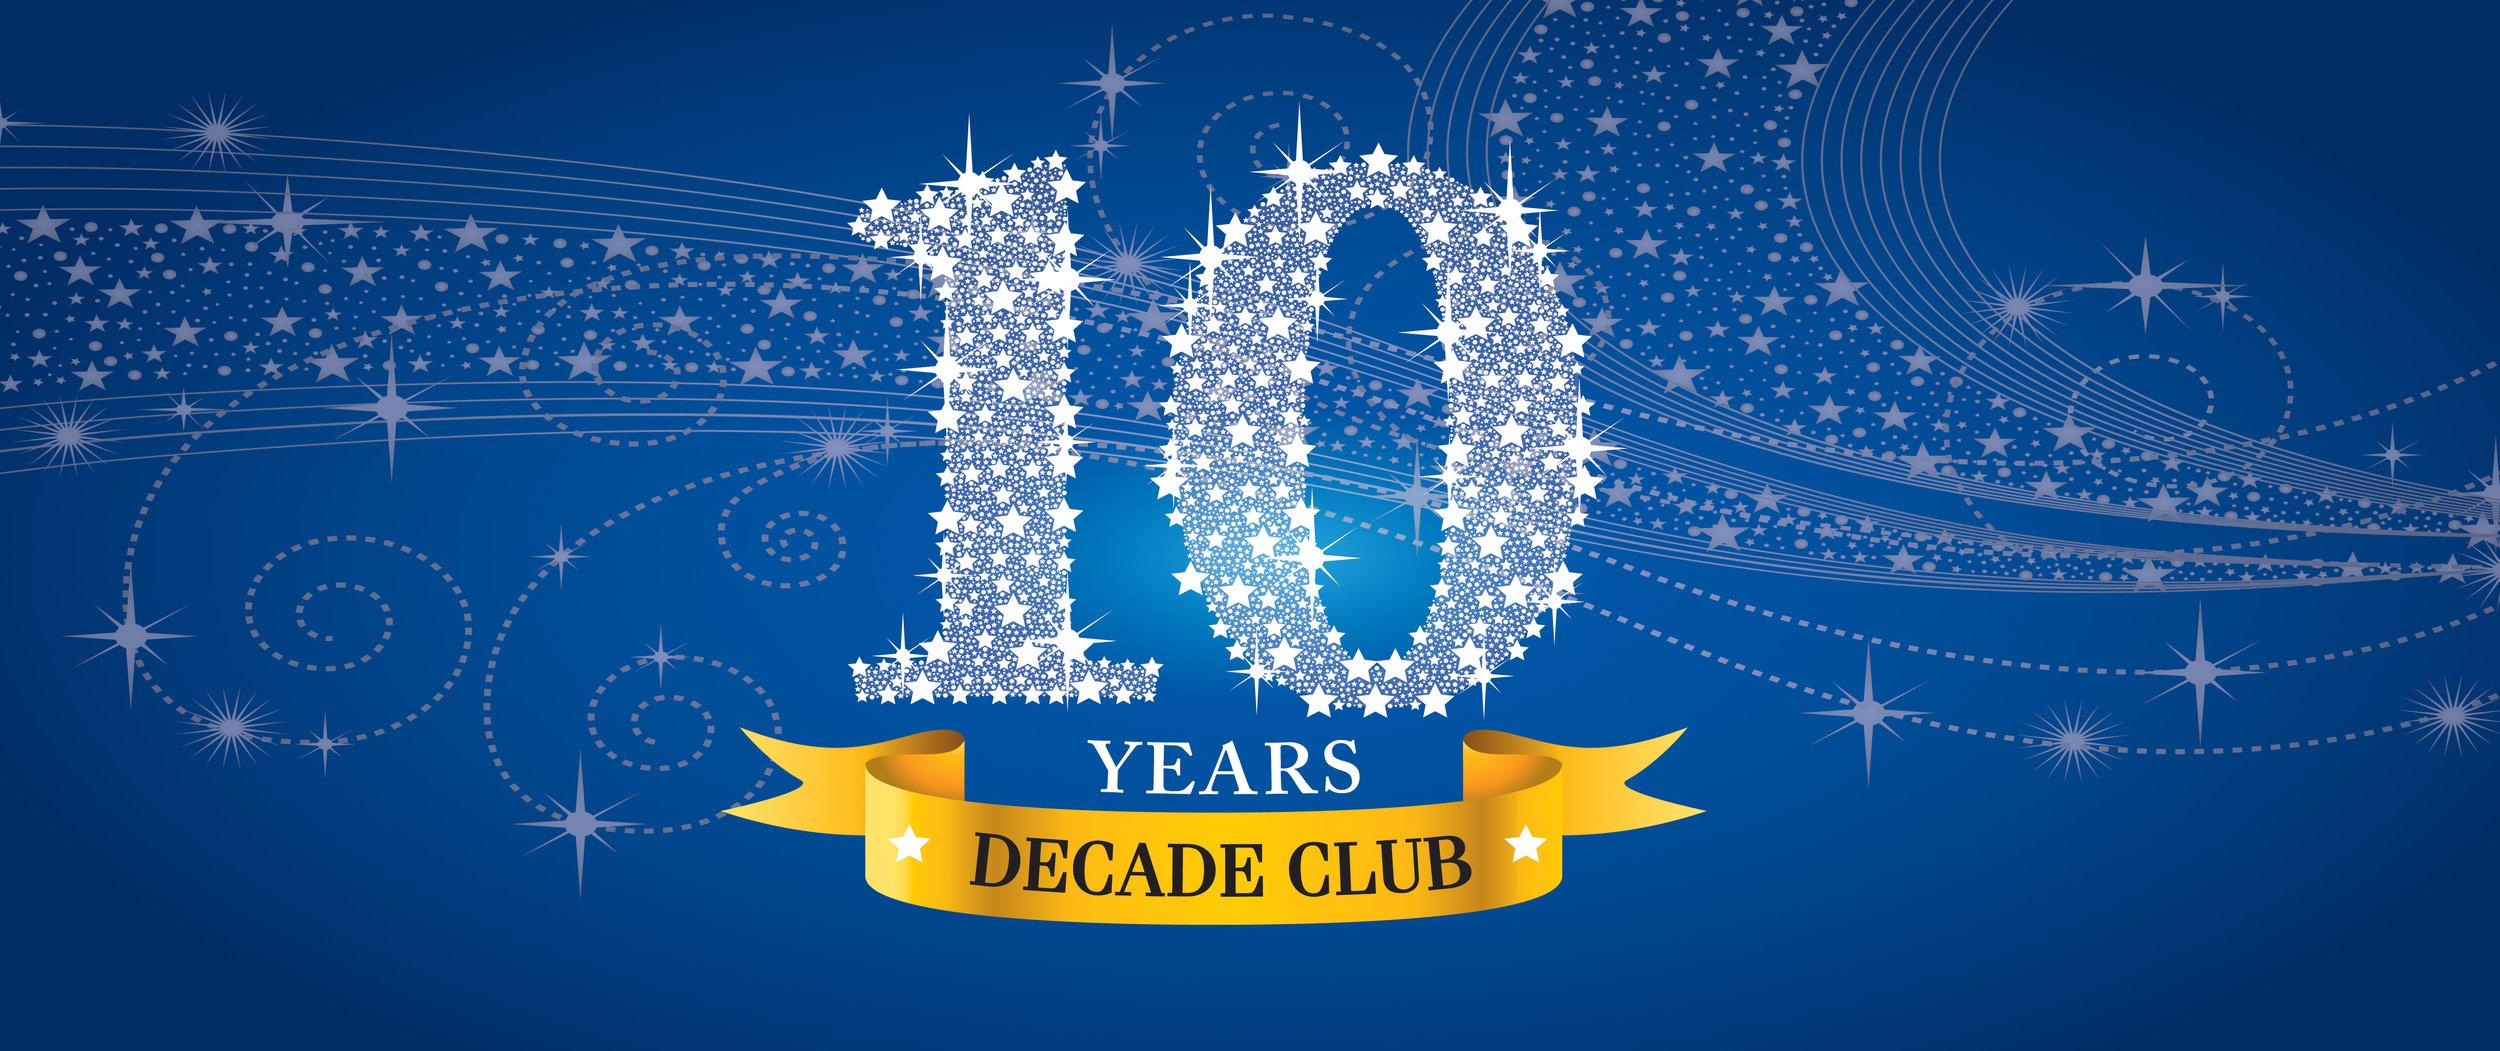 DecadeClub_A_Blue.jpg